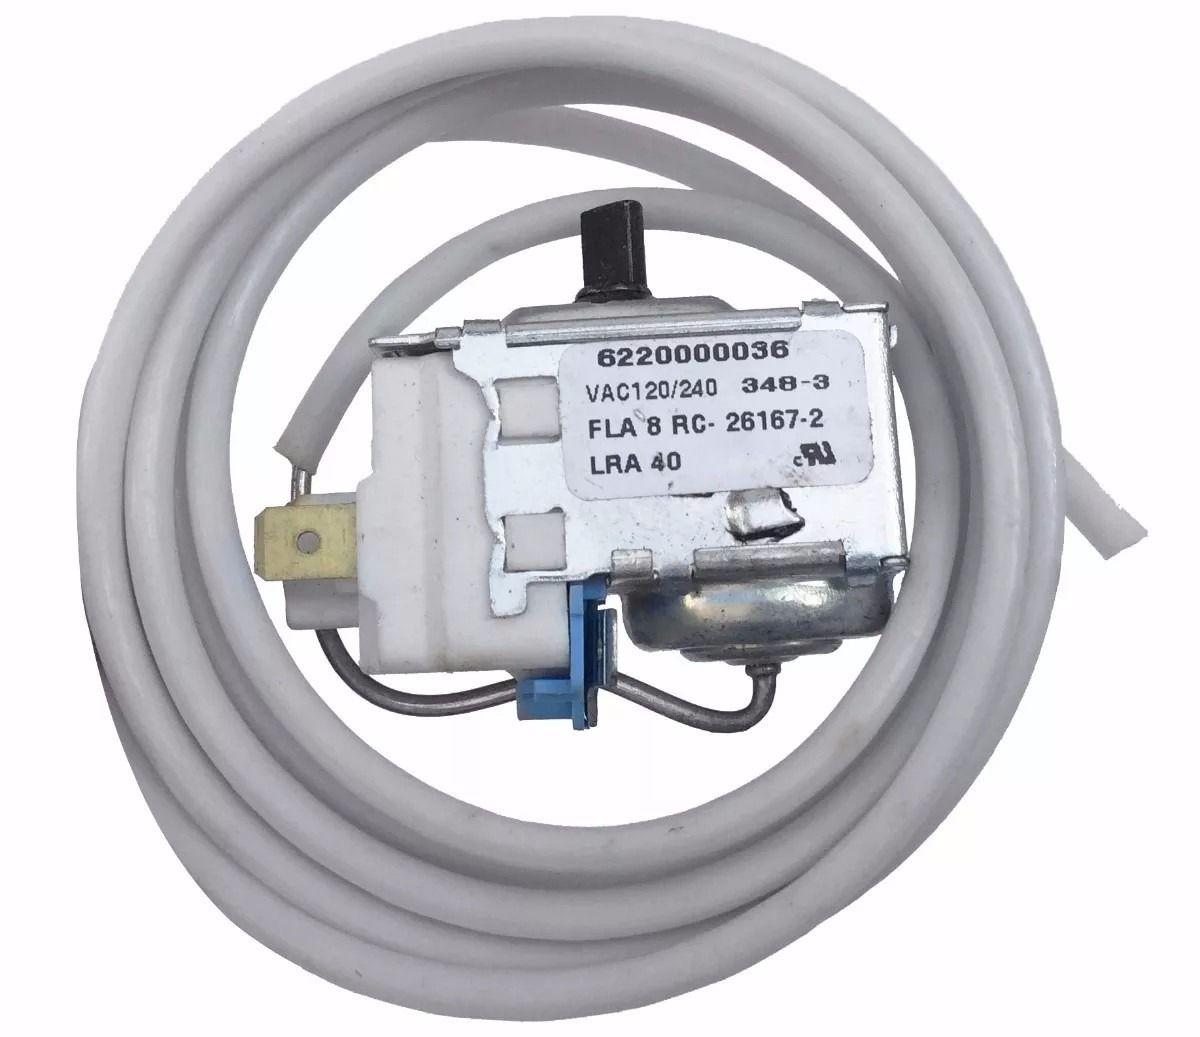 Termostato Esmaltec RC-26167-2